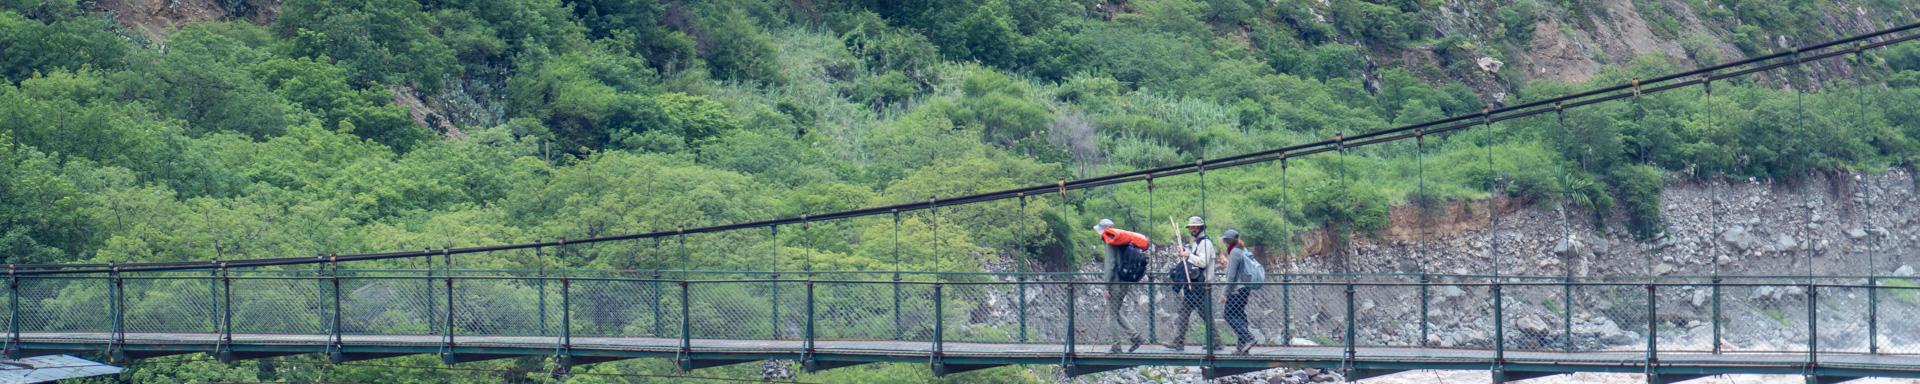 Randonnée pour Choquequirao - Deuxième pont pour attaquer la grande  ascencion finale